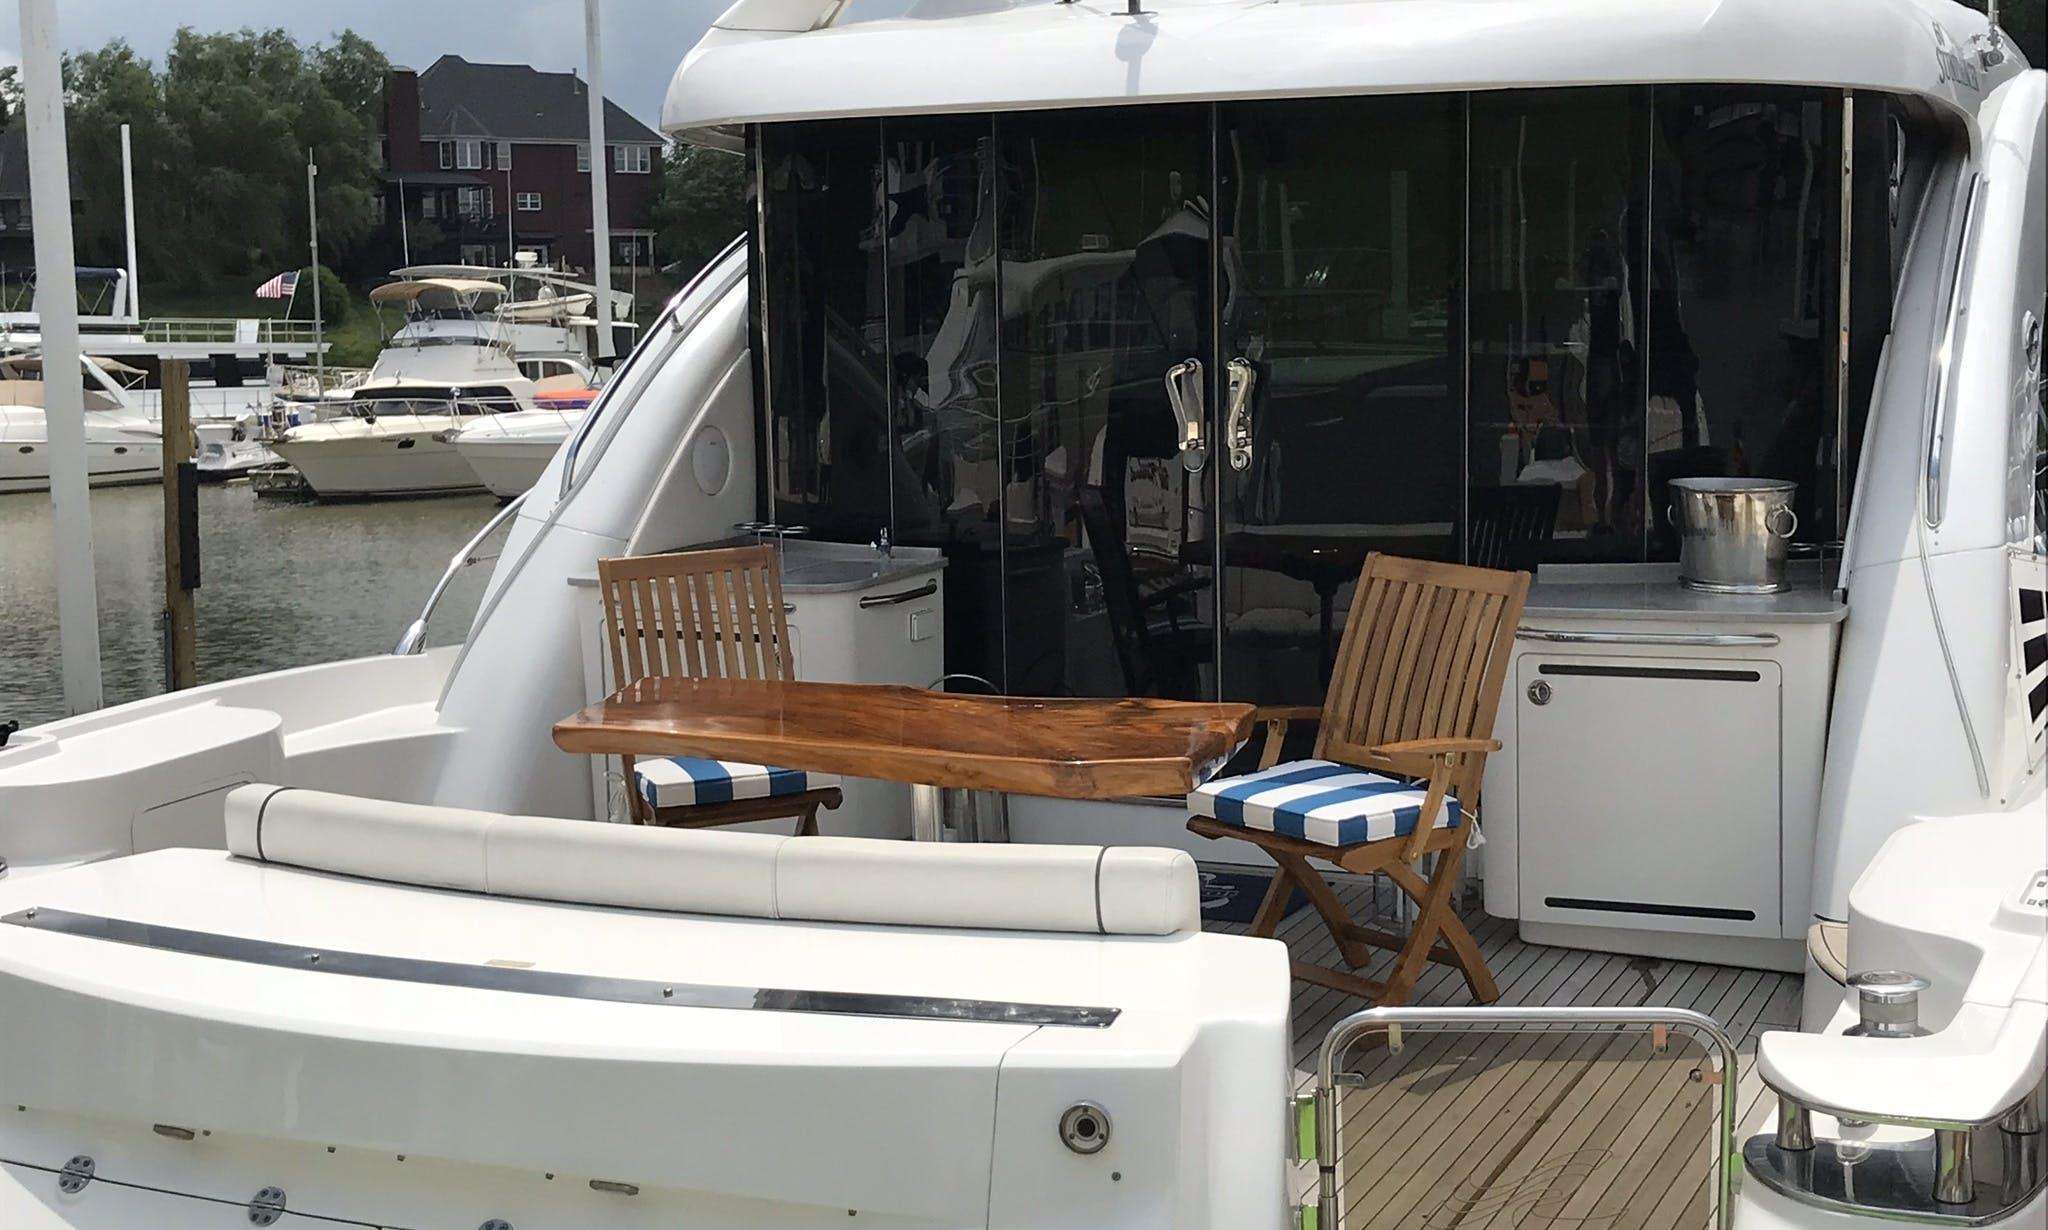 Motor Yacht rental in Prospect